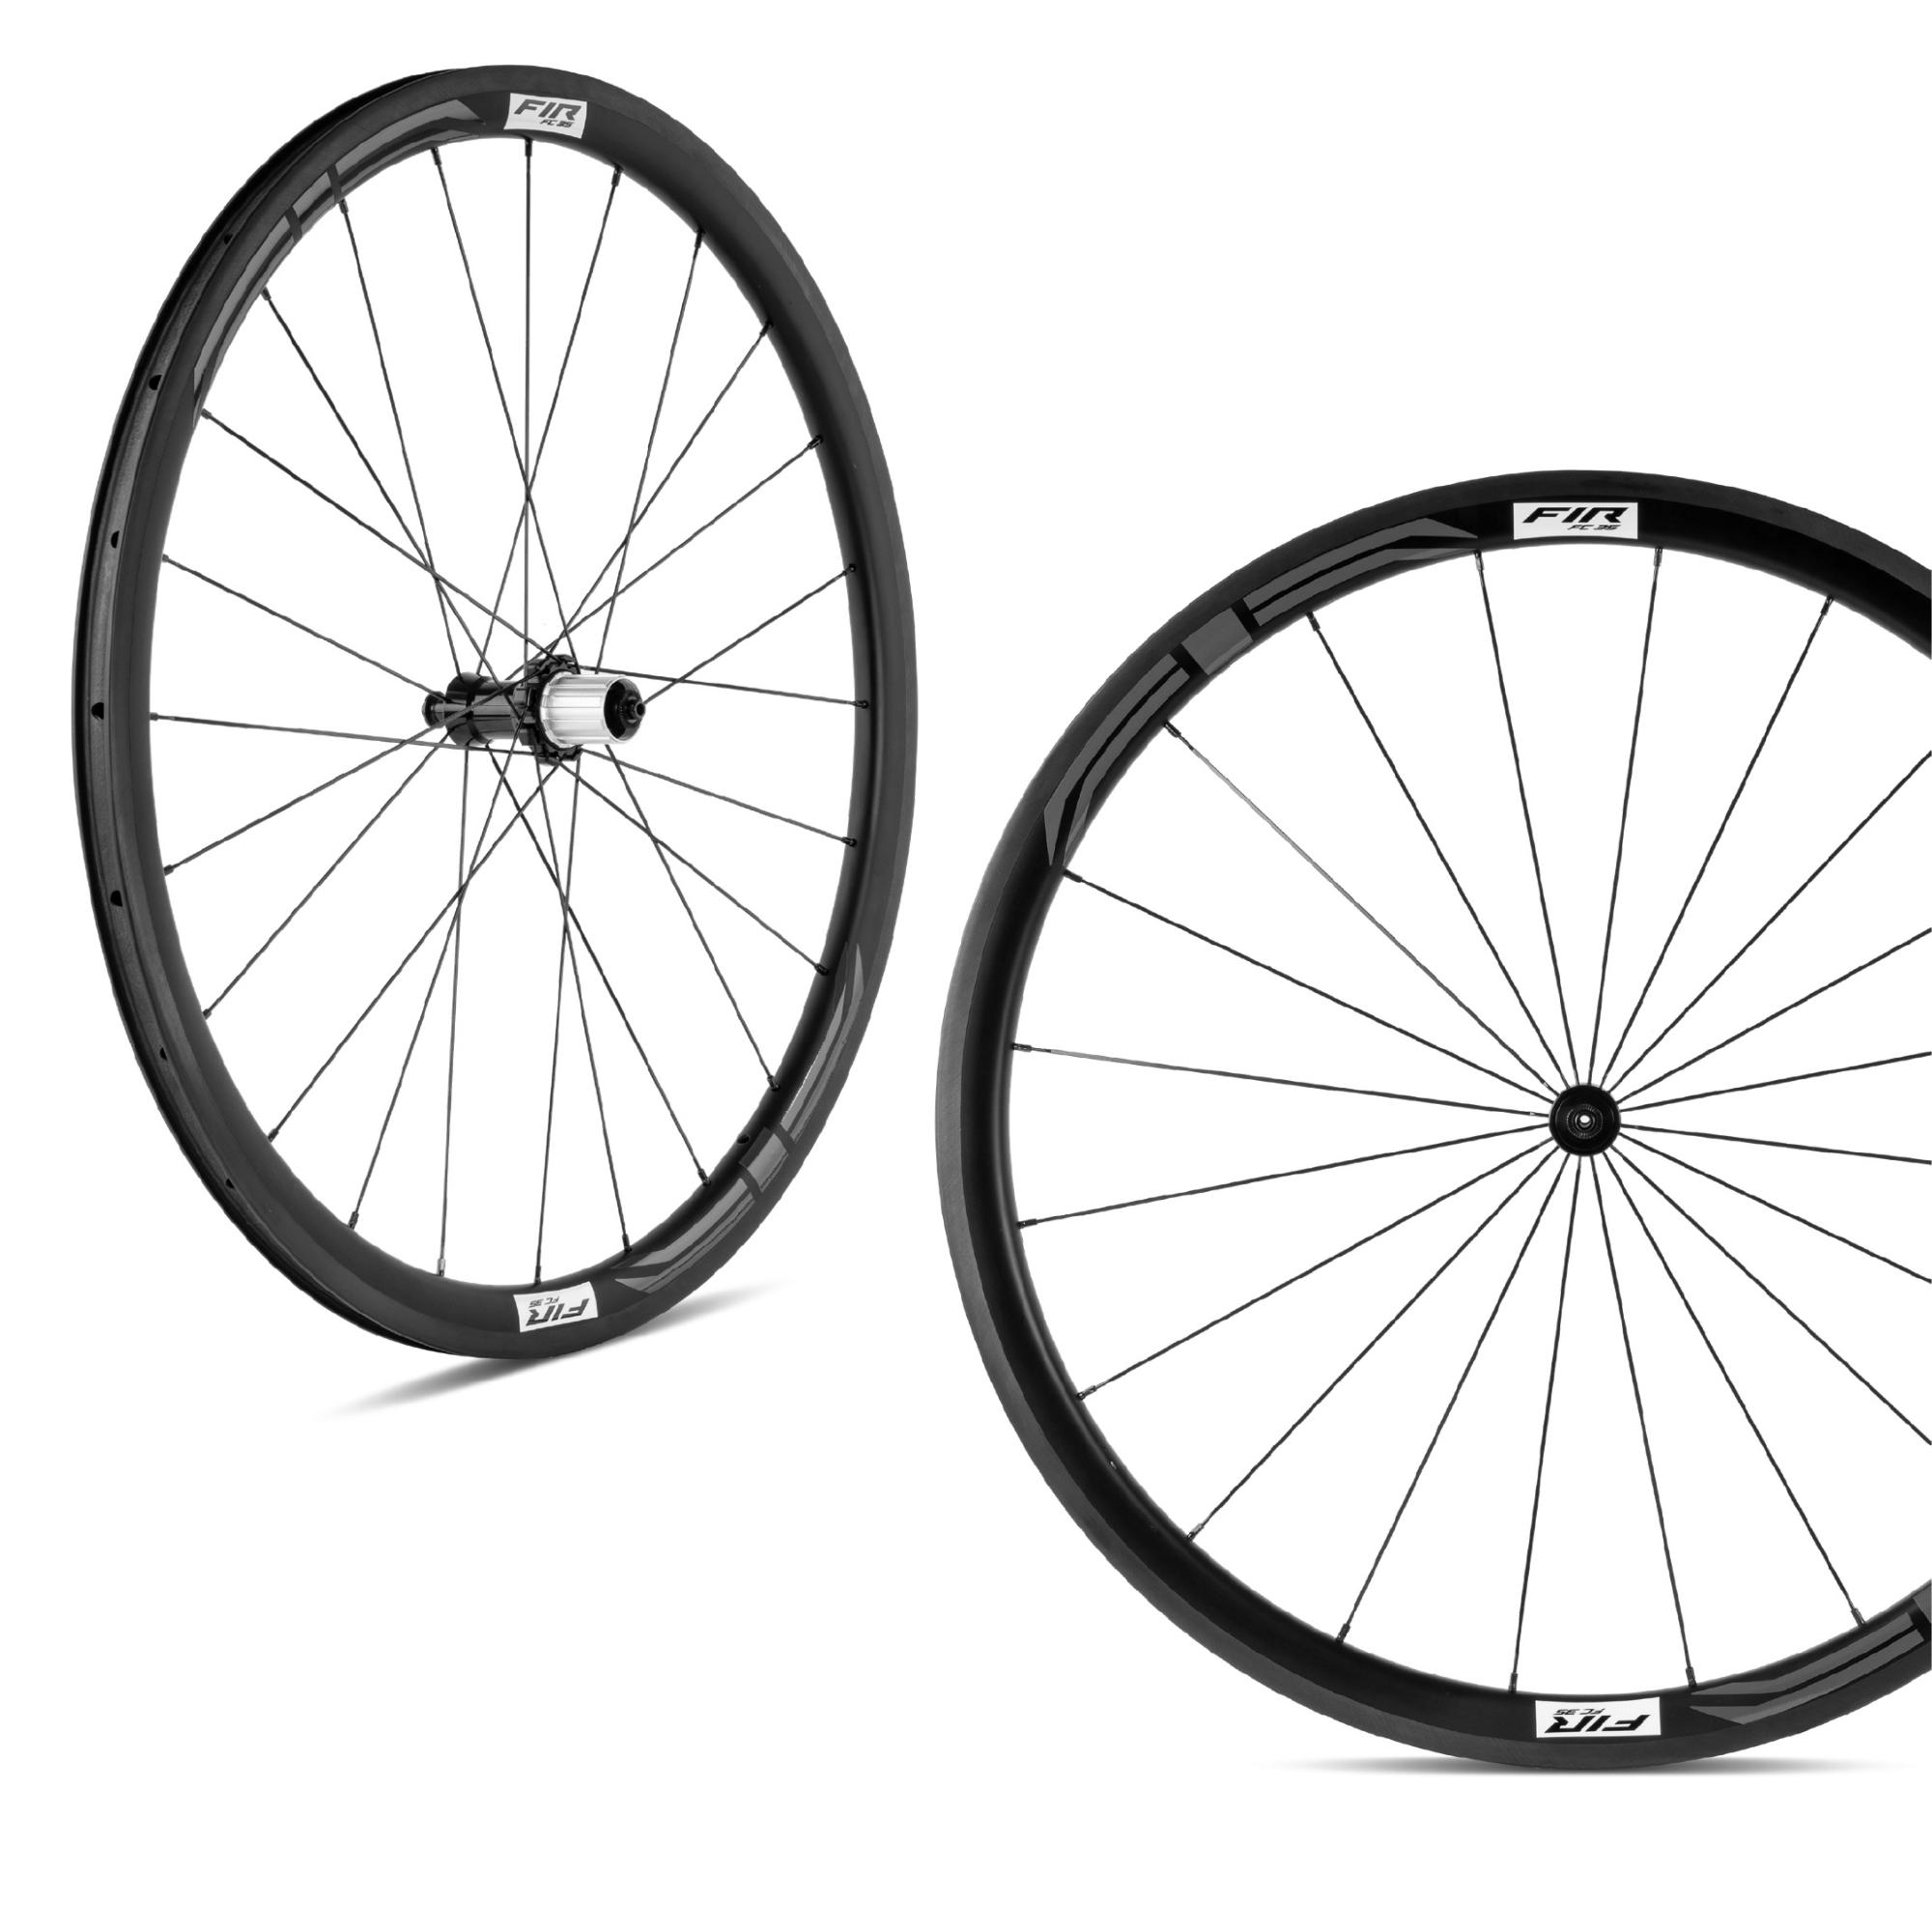 FC 55 ruota carbonio profilo 55